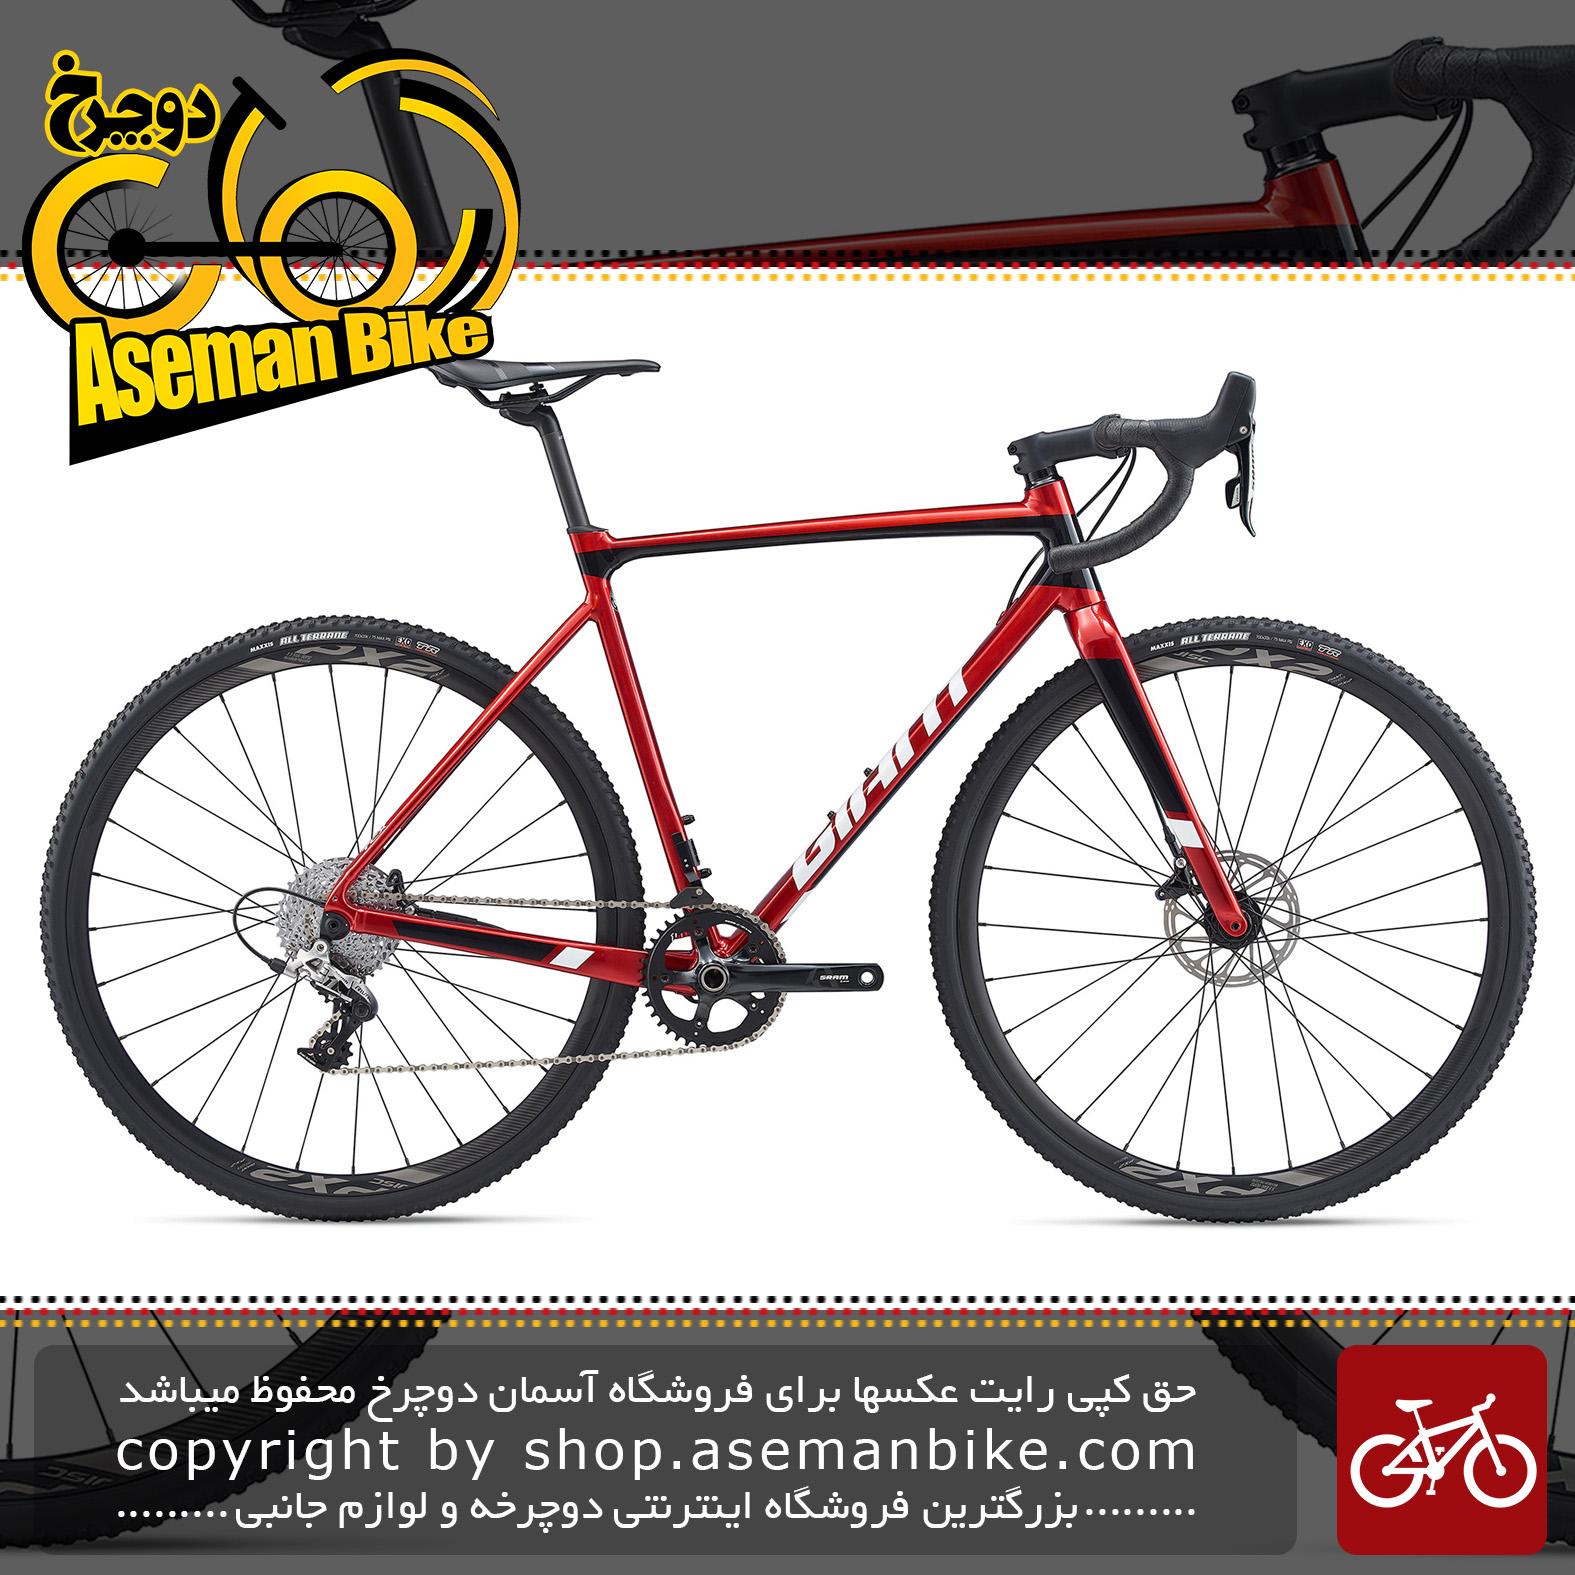 دوچرخه سایکلو کراس جاینت مدل تی سی ایکس اس ال آر 1 2020 Giant Cyclocross Bicycle TCX SLR 1 2020